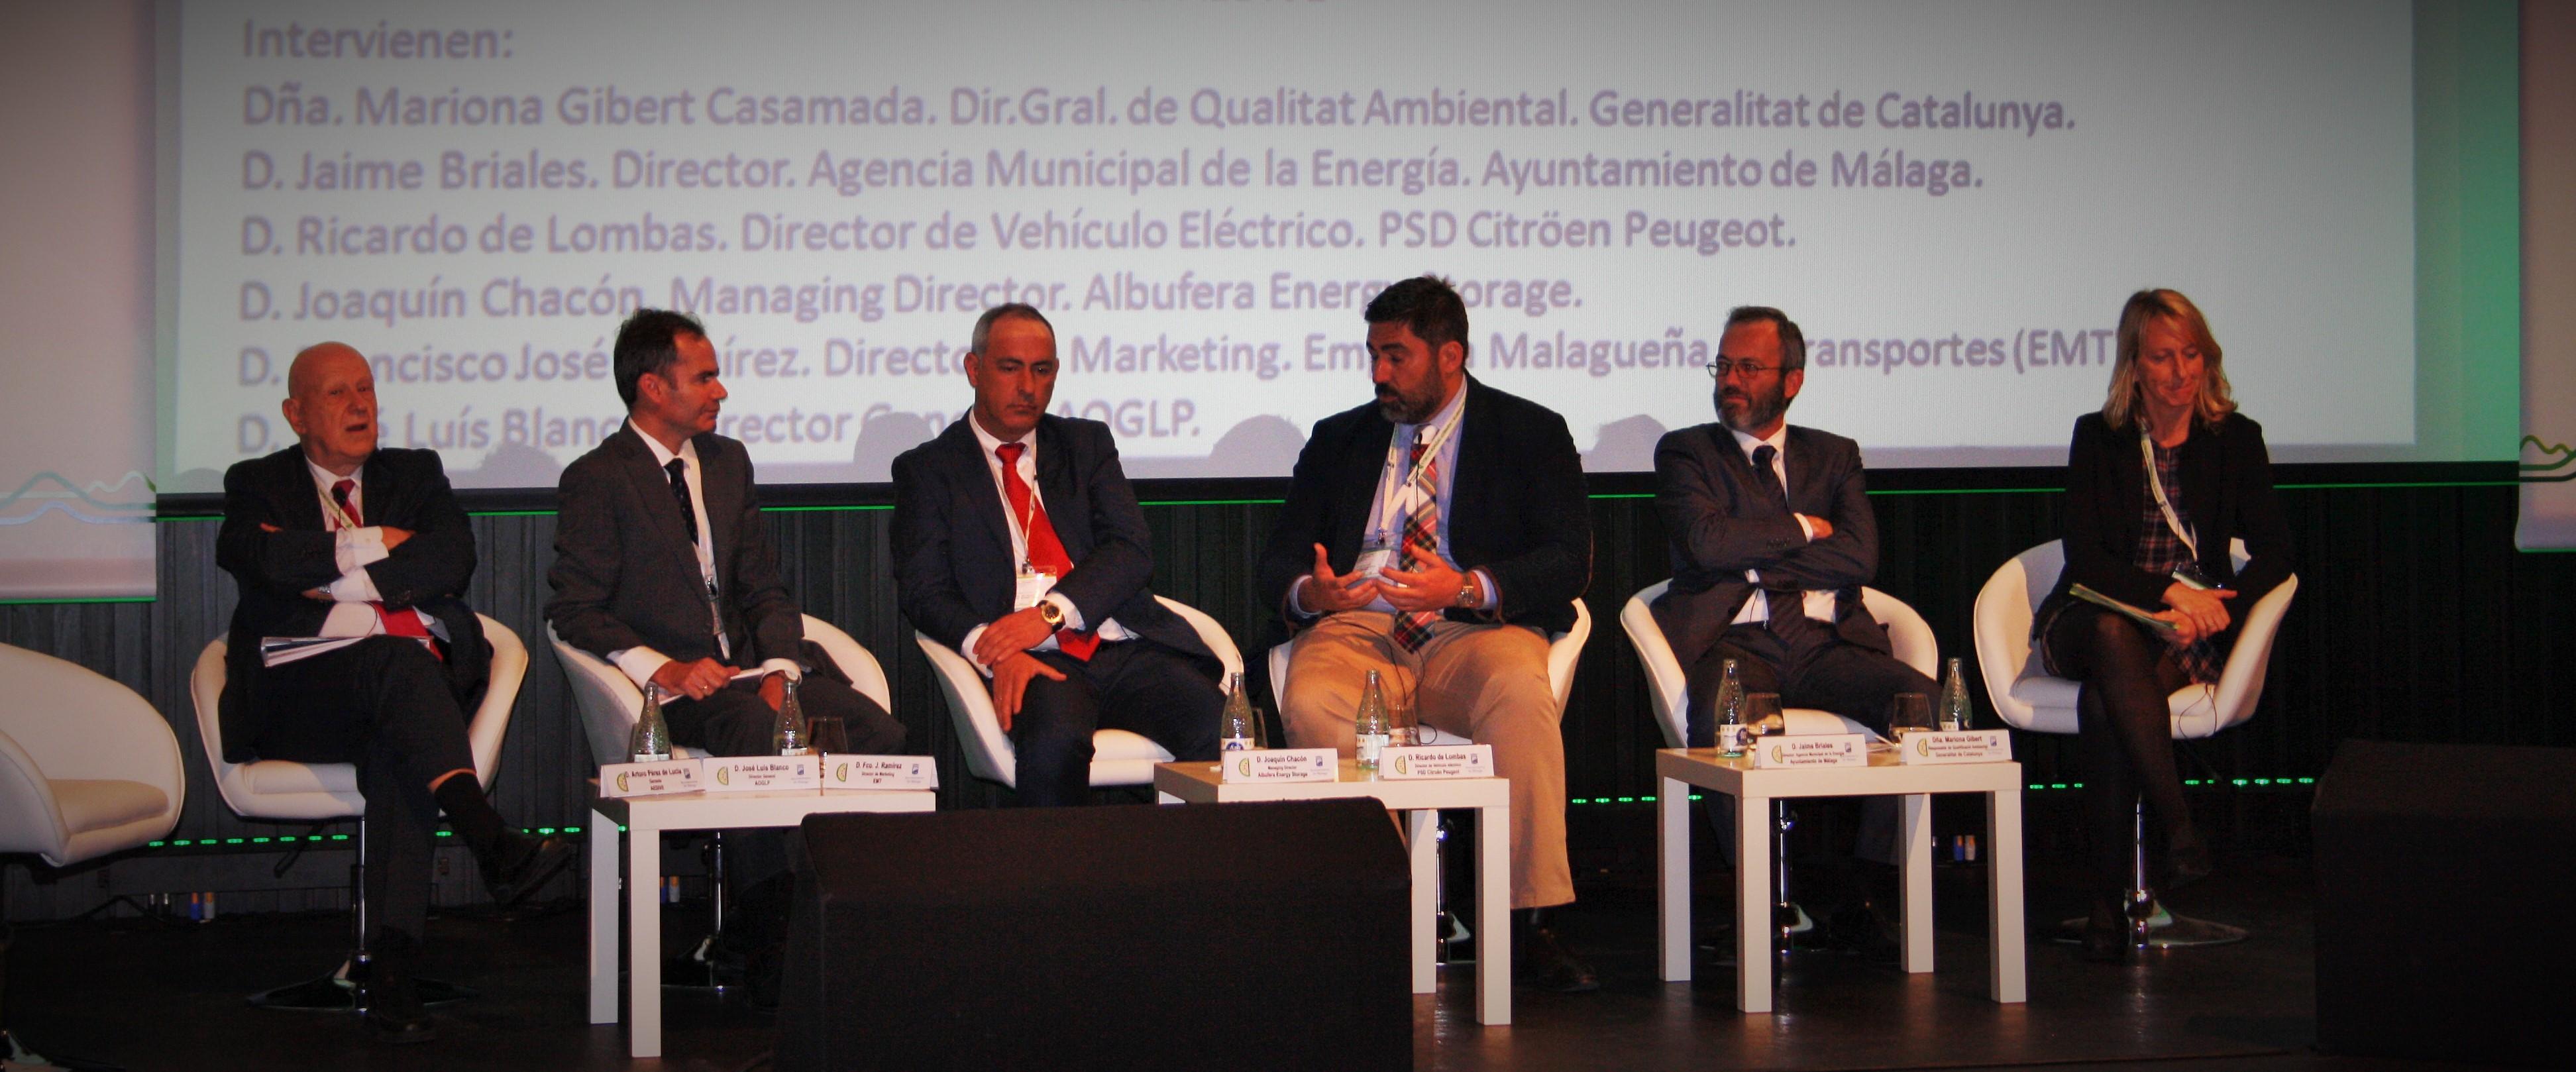 Una cita con el transporte sostenible y los combustibles alternativos al petróleo